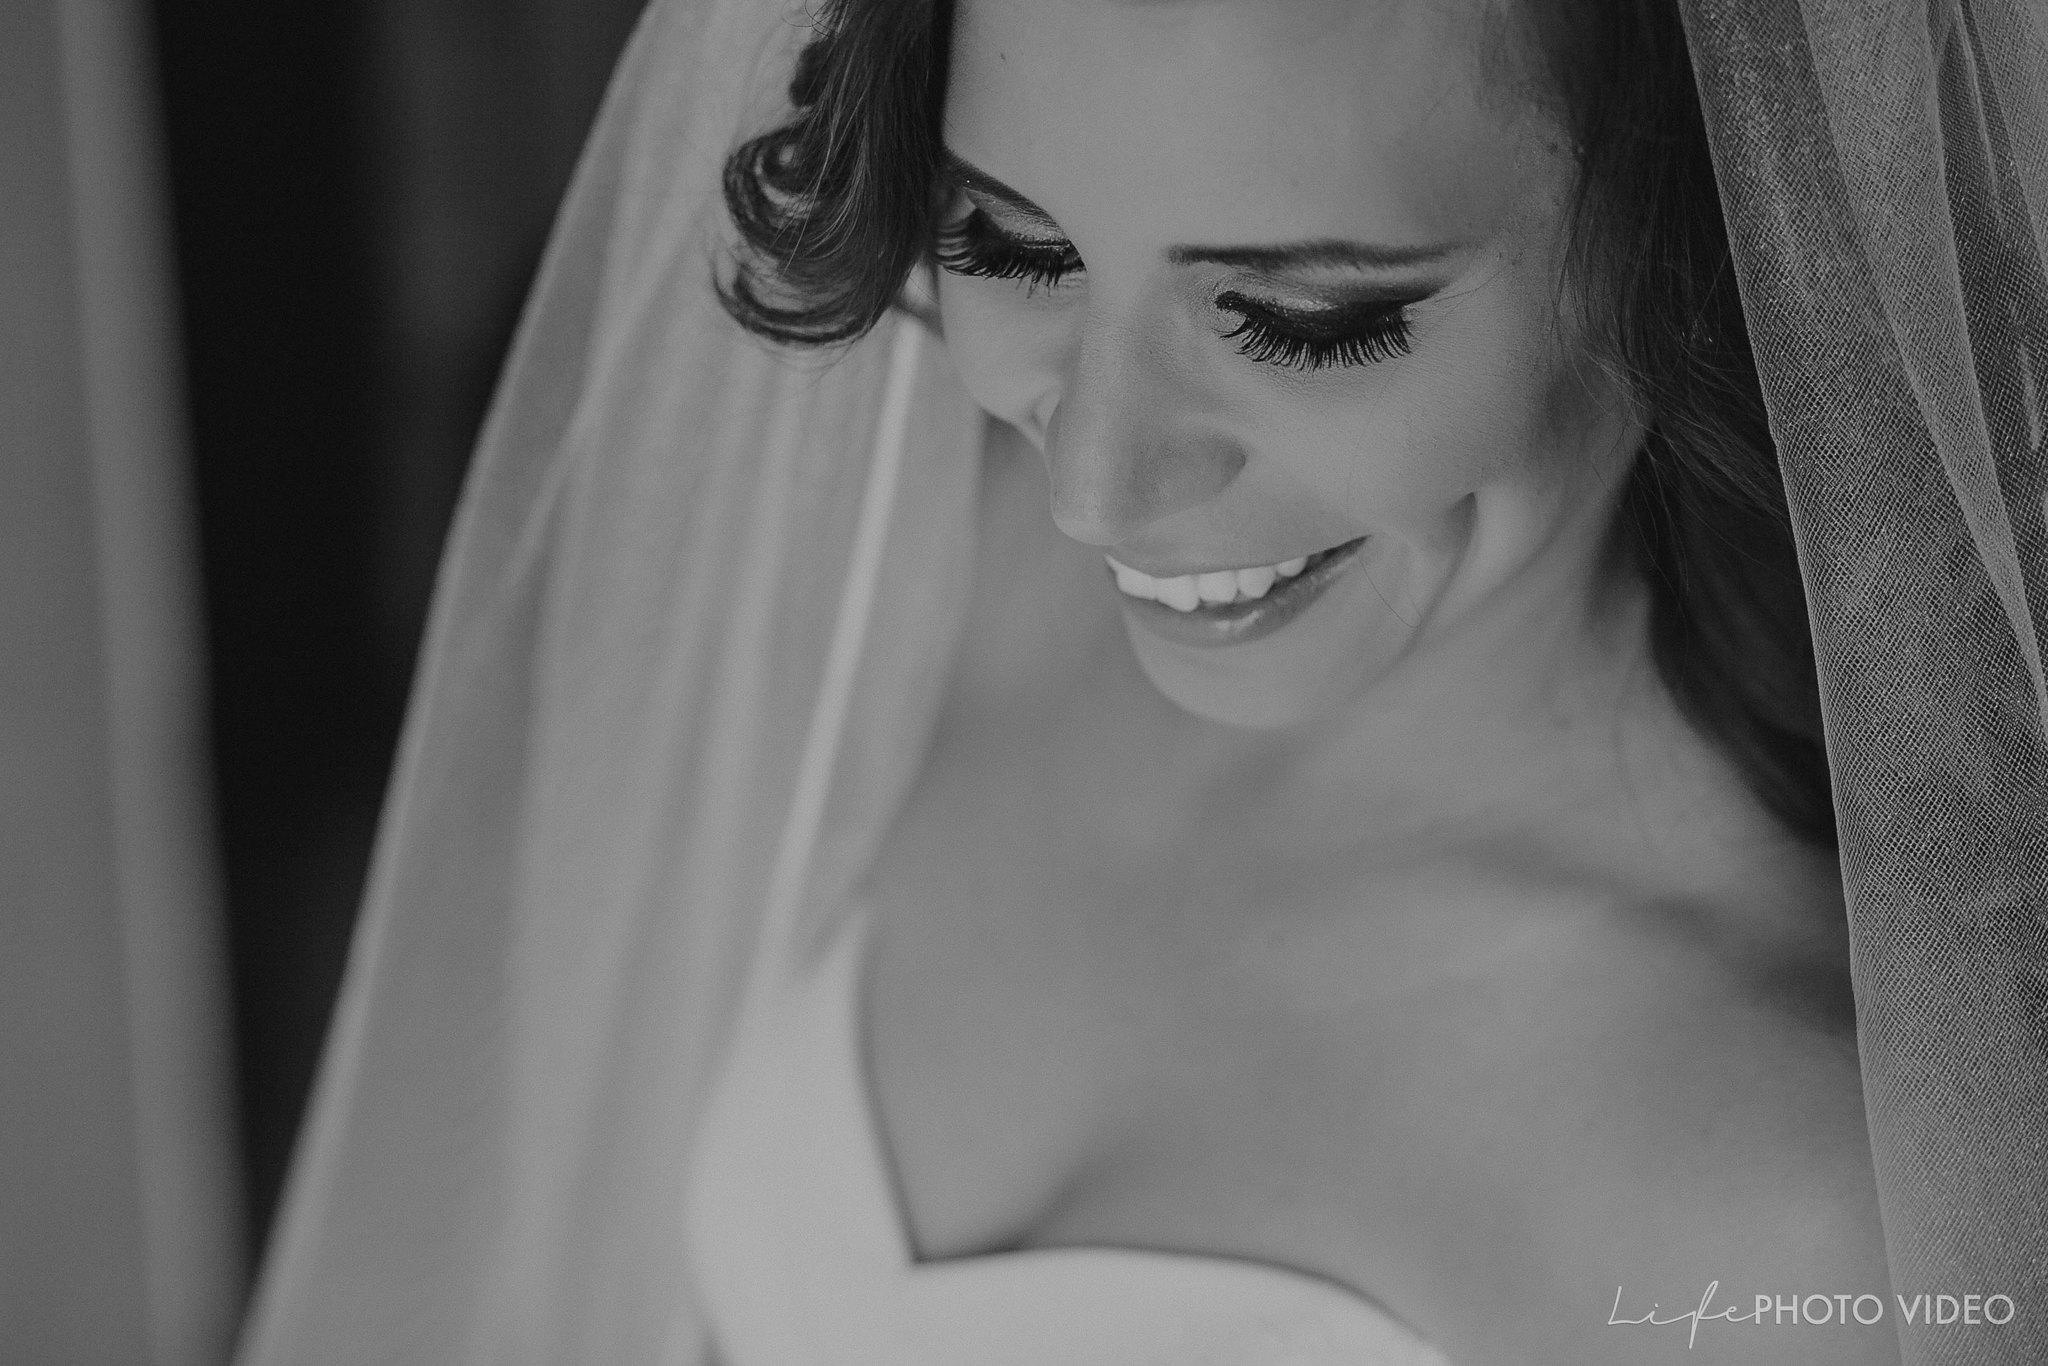 Boda_LeonGto_Wedding_LifePhotoVideo_0007.jpg